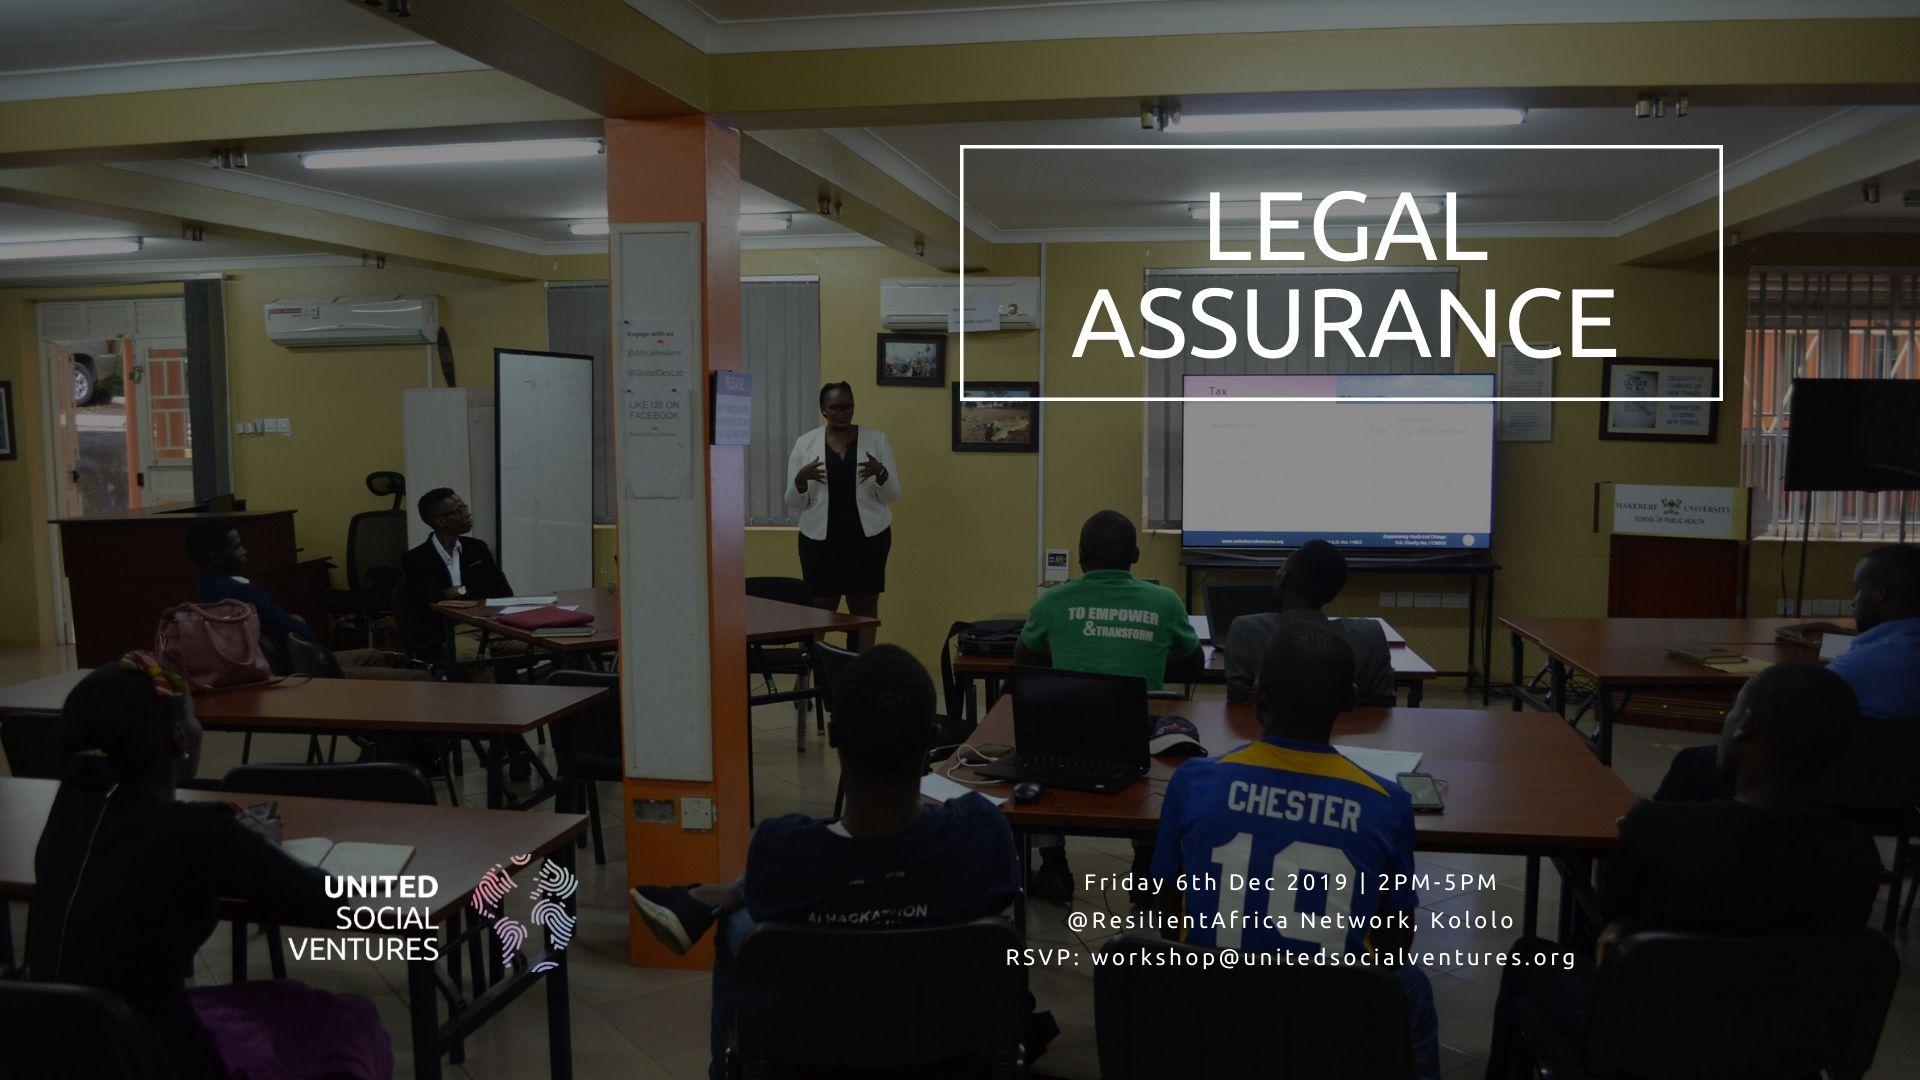 191206 Legal Assurance Workshop